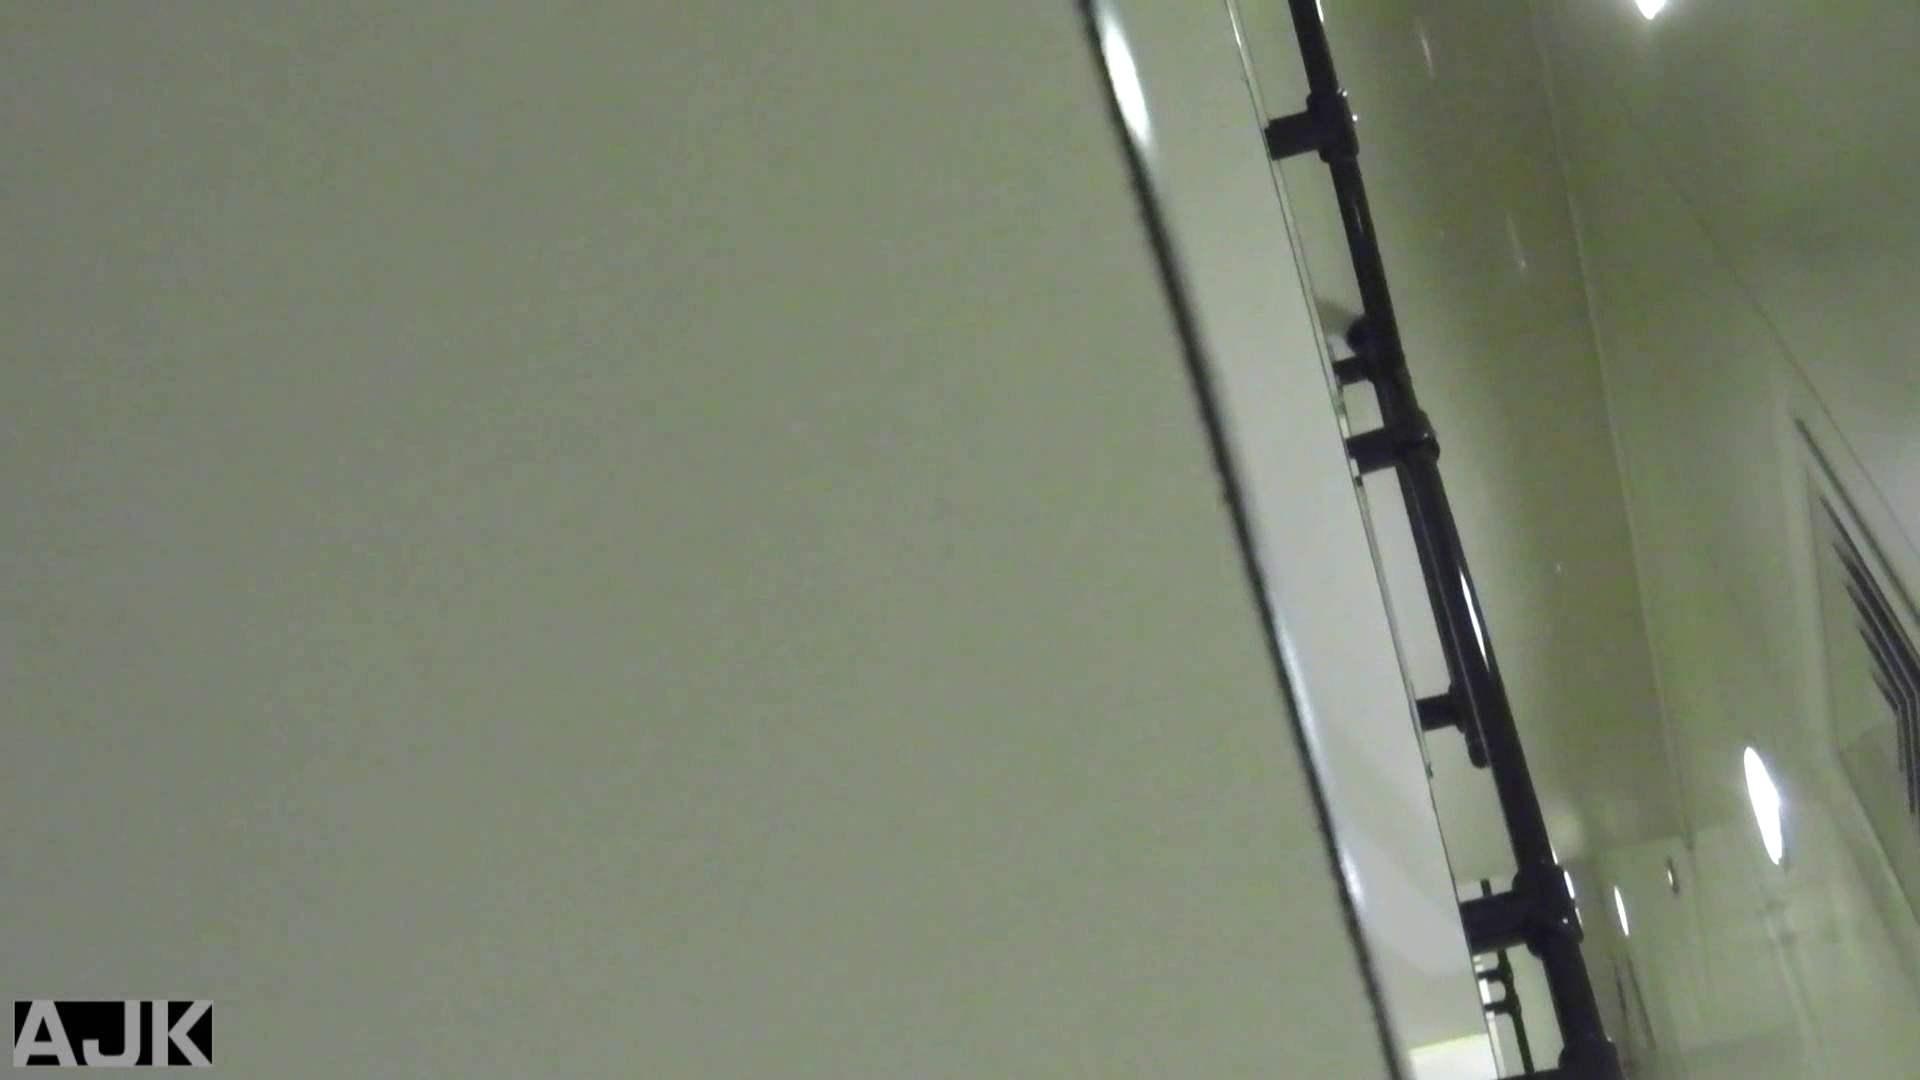 隣国上階級エリアの令嬢たちが集うデパートお手洗い Vol.15 お手洗い  60pic 3